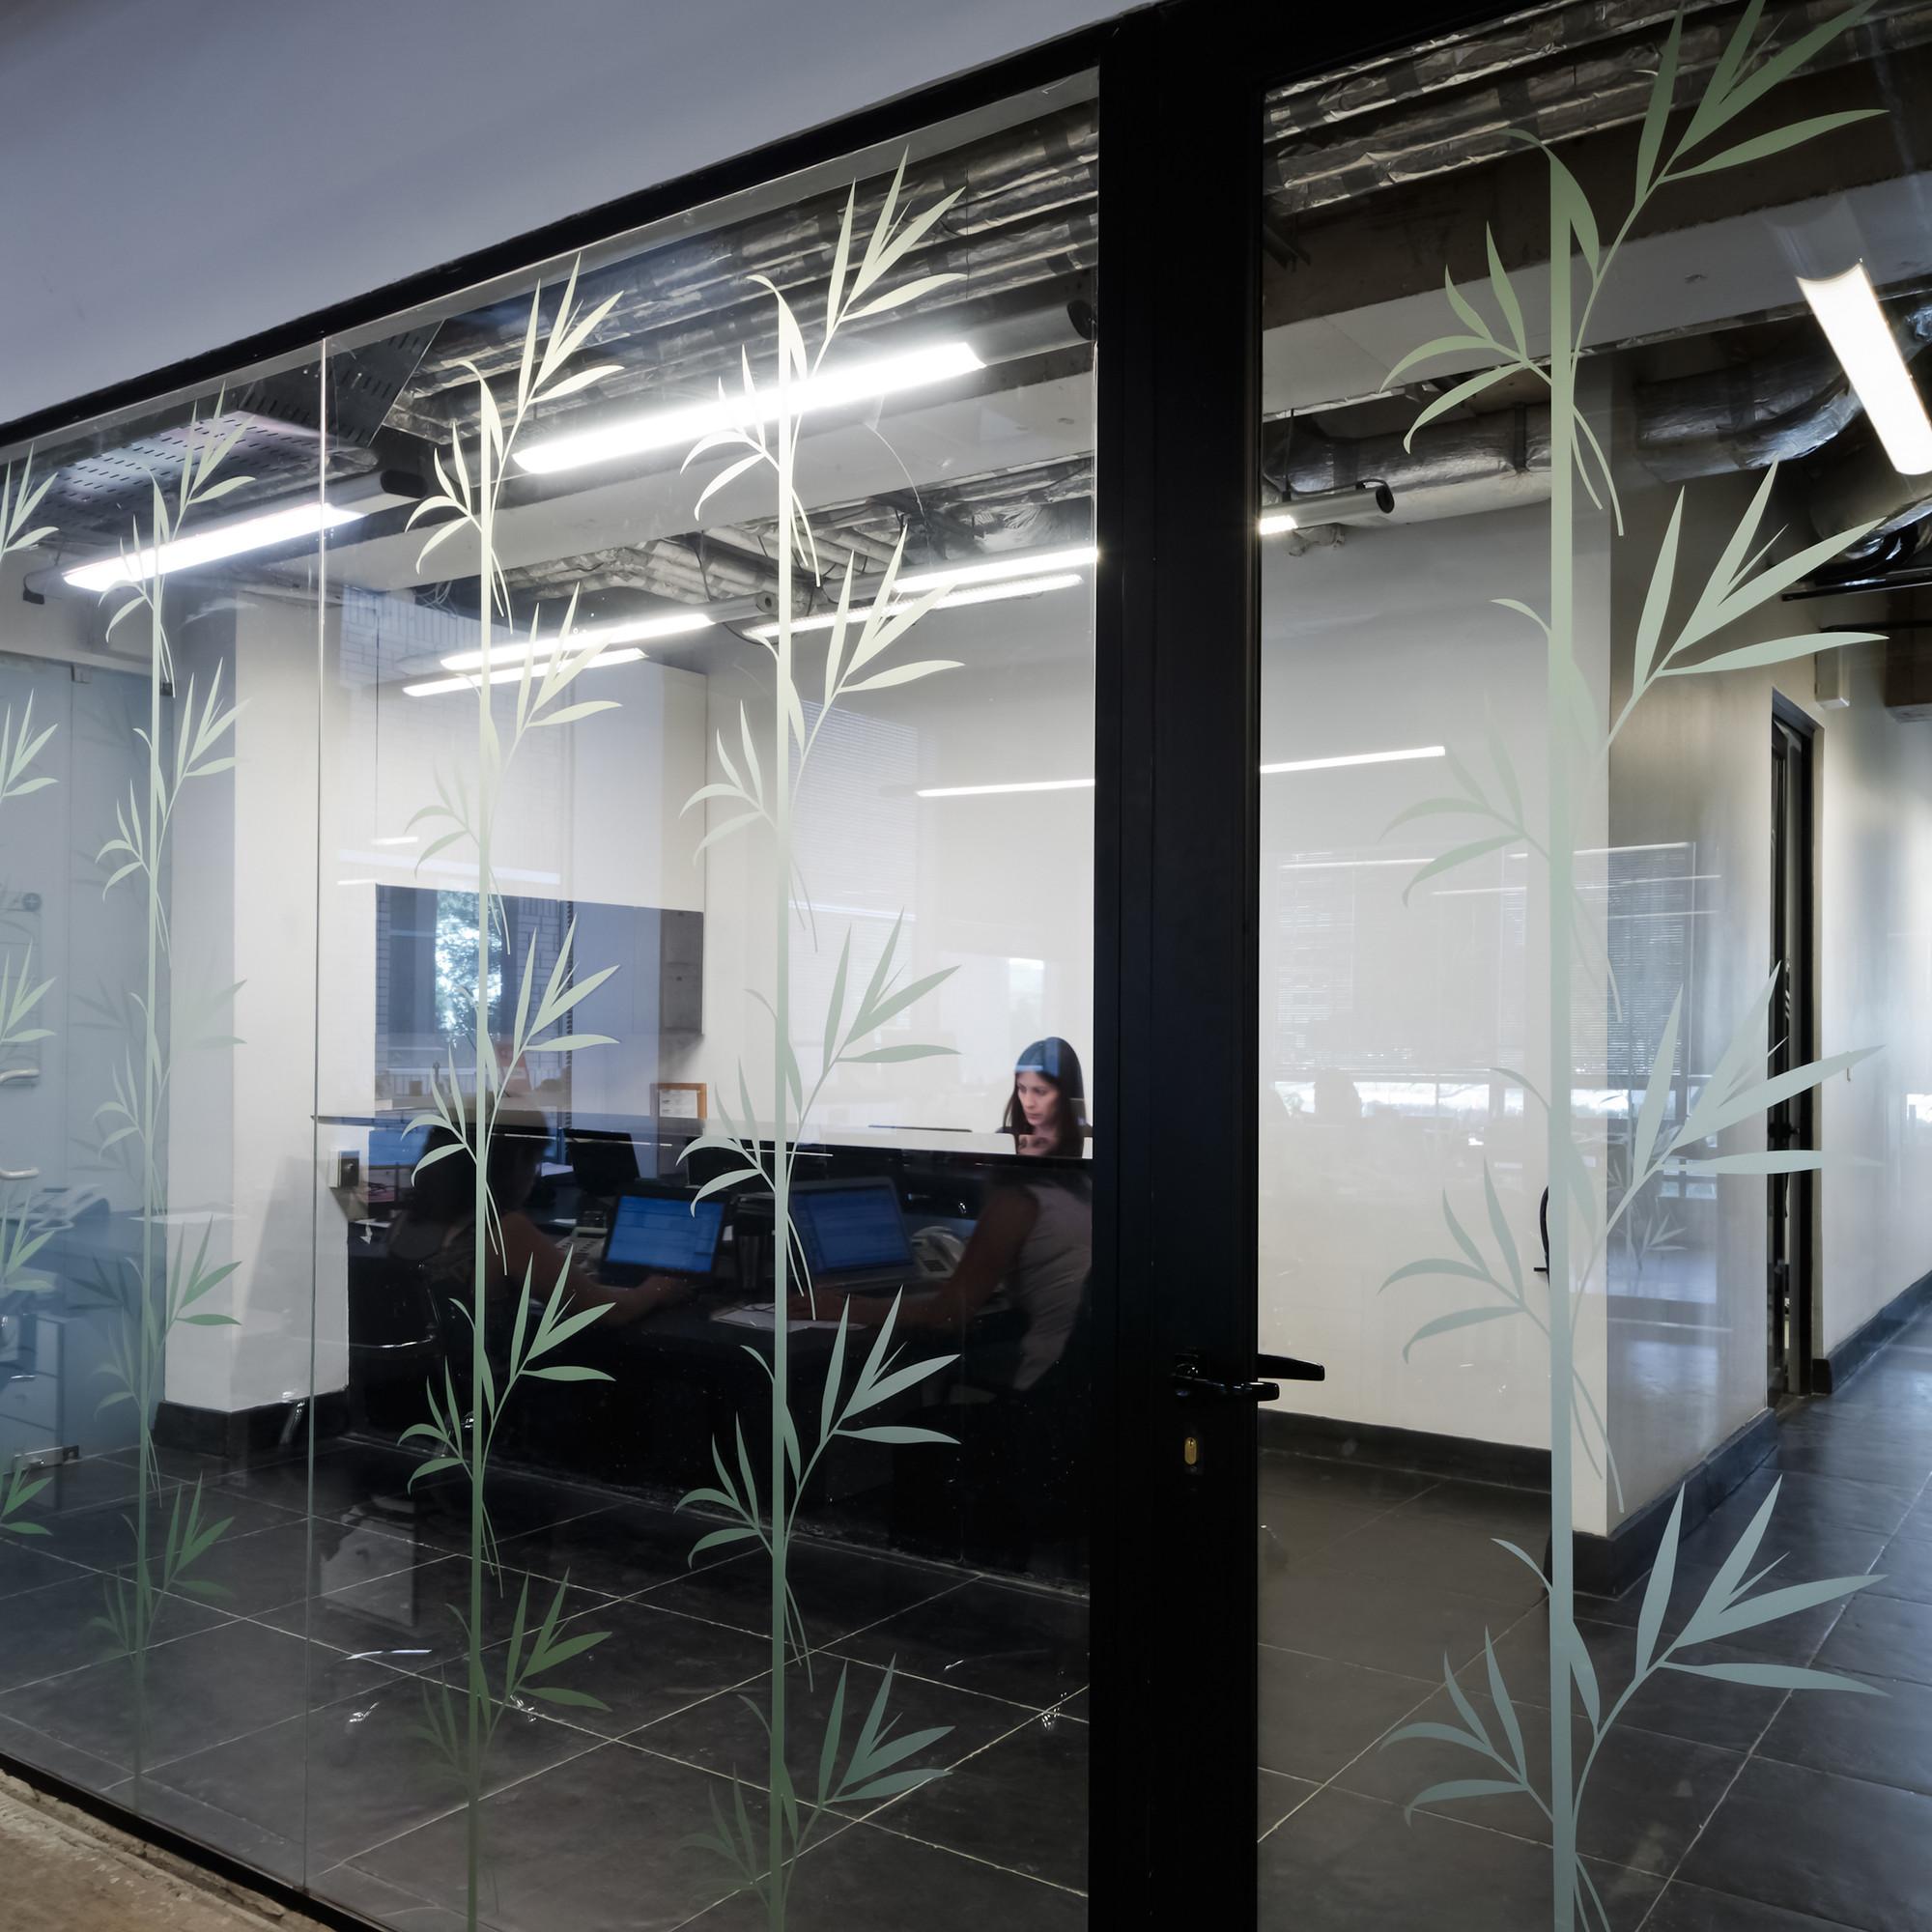 Galeria de oficinas cinem gica dx arquitectos 9 for Oficina de infiltrados temporada 3